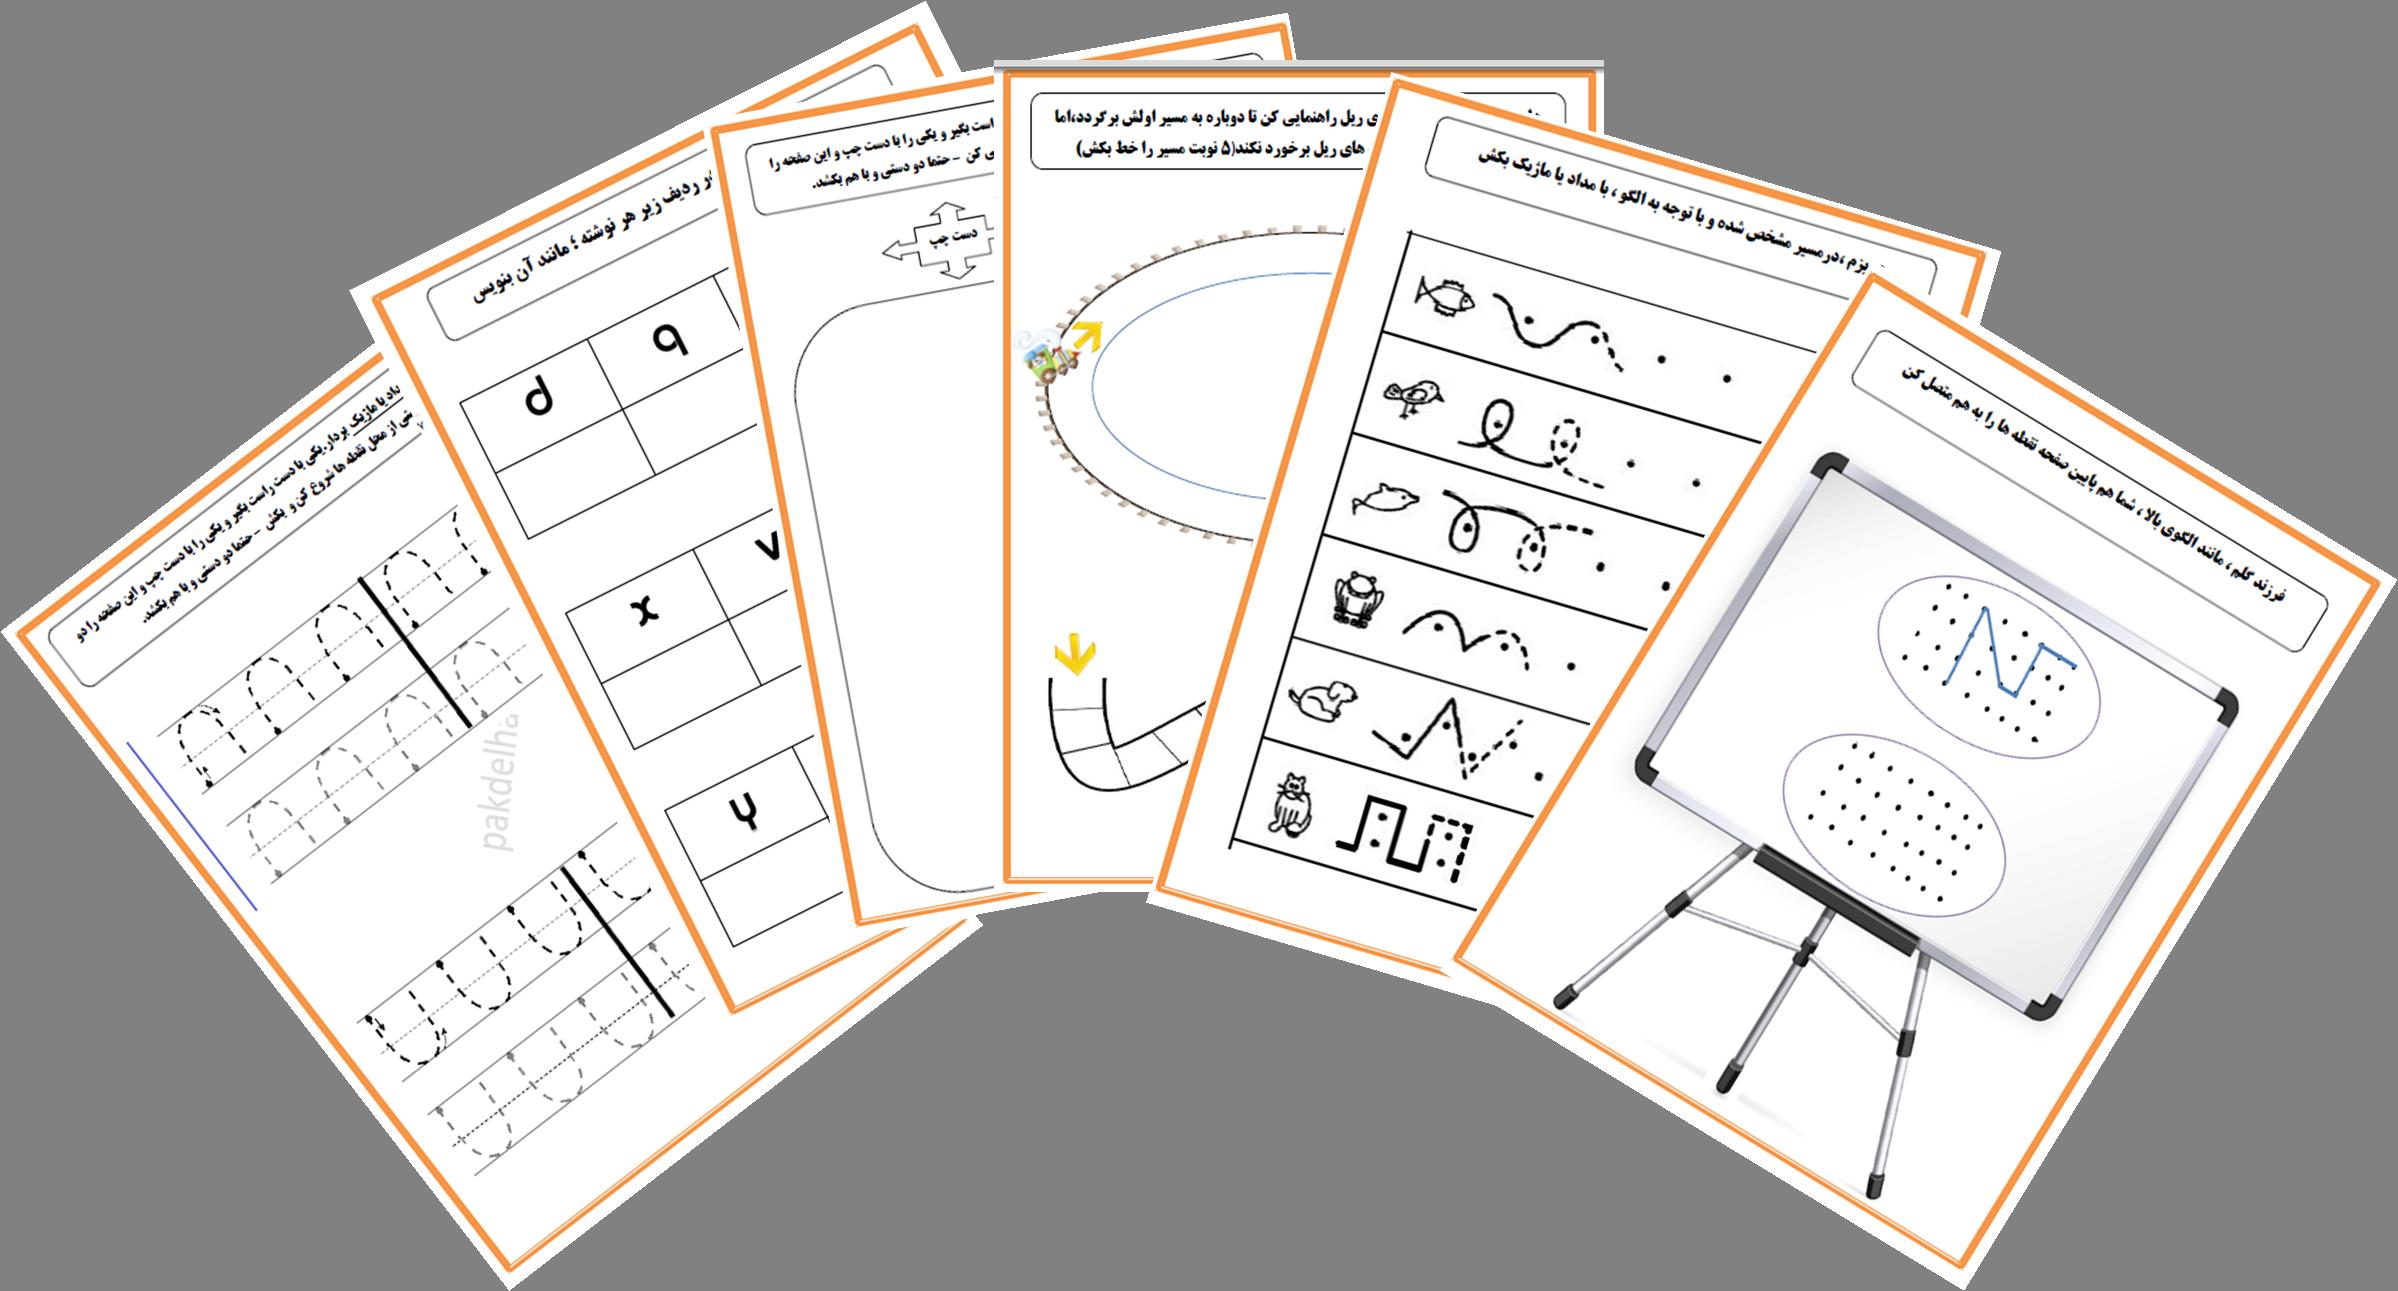 پکیج هماهنگی چشم و دست ، آموزش هماهنگی چشم و دست ، تقویت نوشتن و دستخط ،بهبود دیکته ، تقویت انگشتان و دست ها ، بازی برای تقویت بینایی ، دیداری